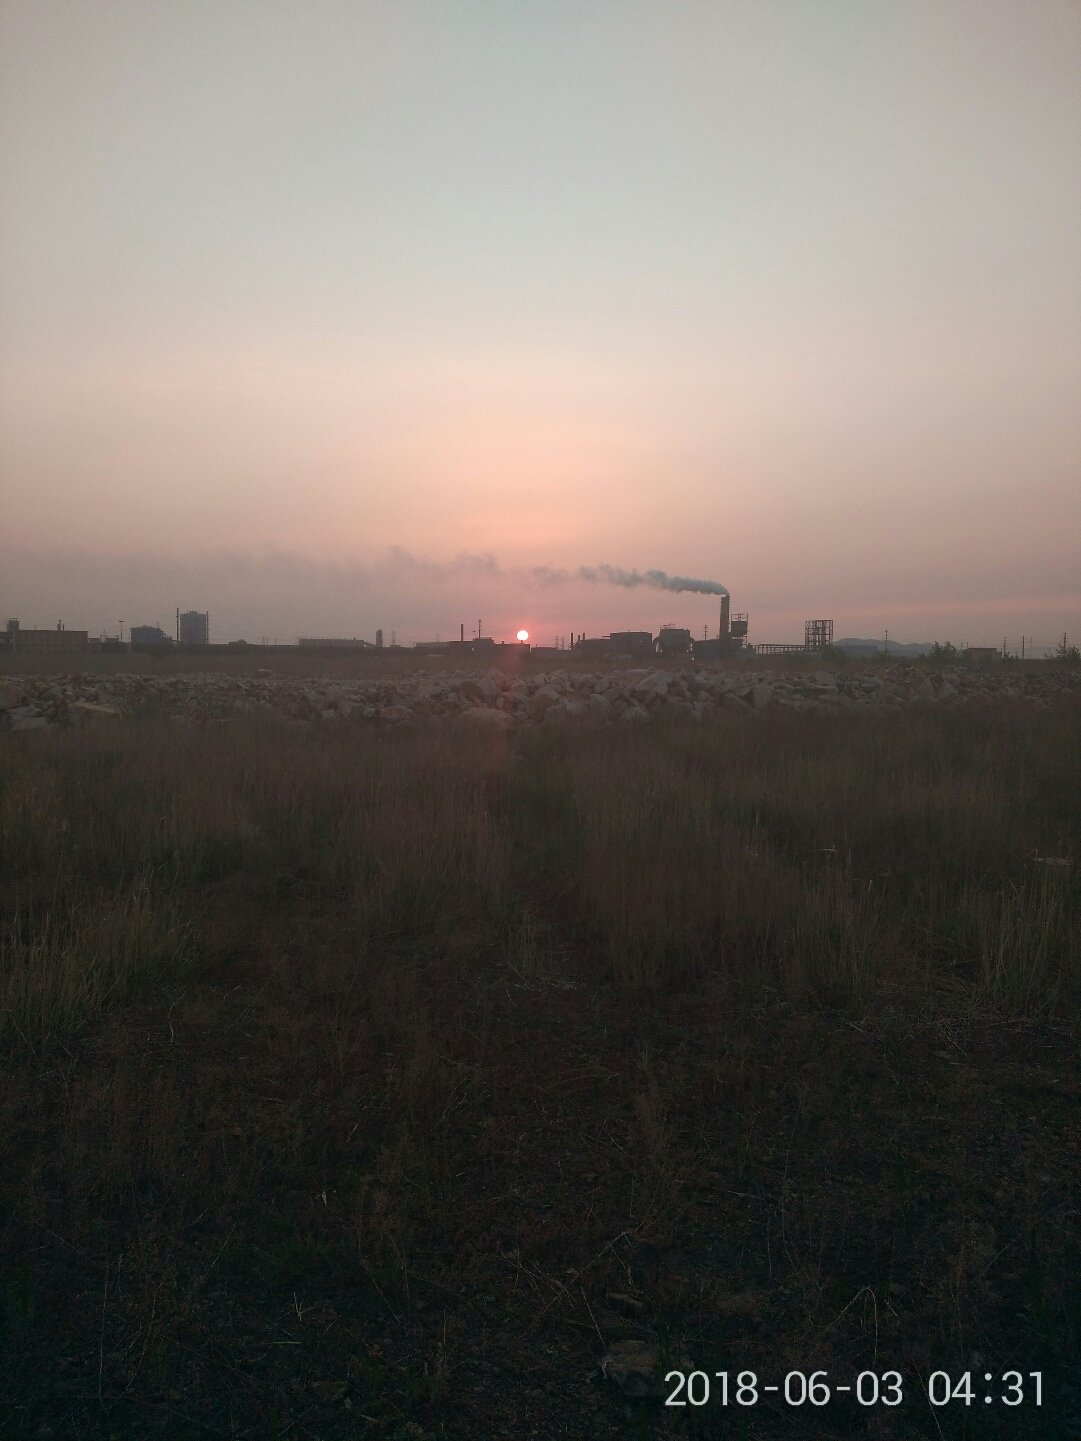 辽宁省营口市老边区802县道天气预报